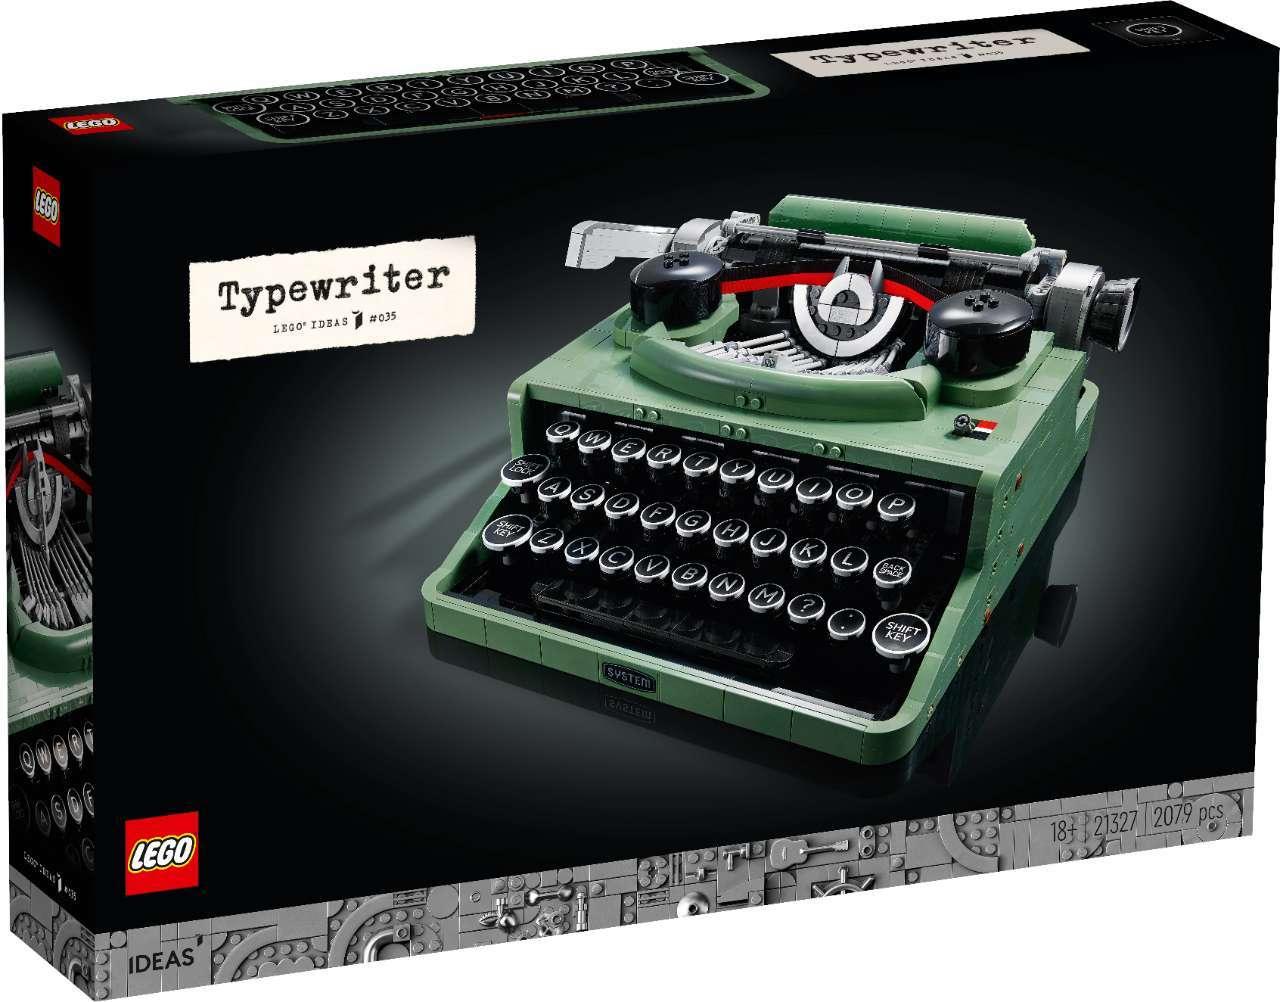 LEGO-Typerwriter-21327_Box1_v29